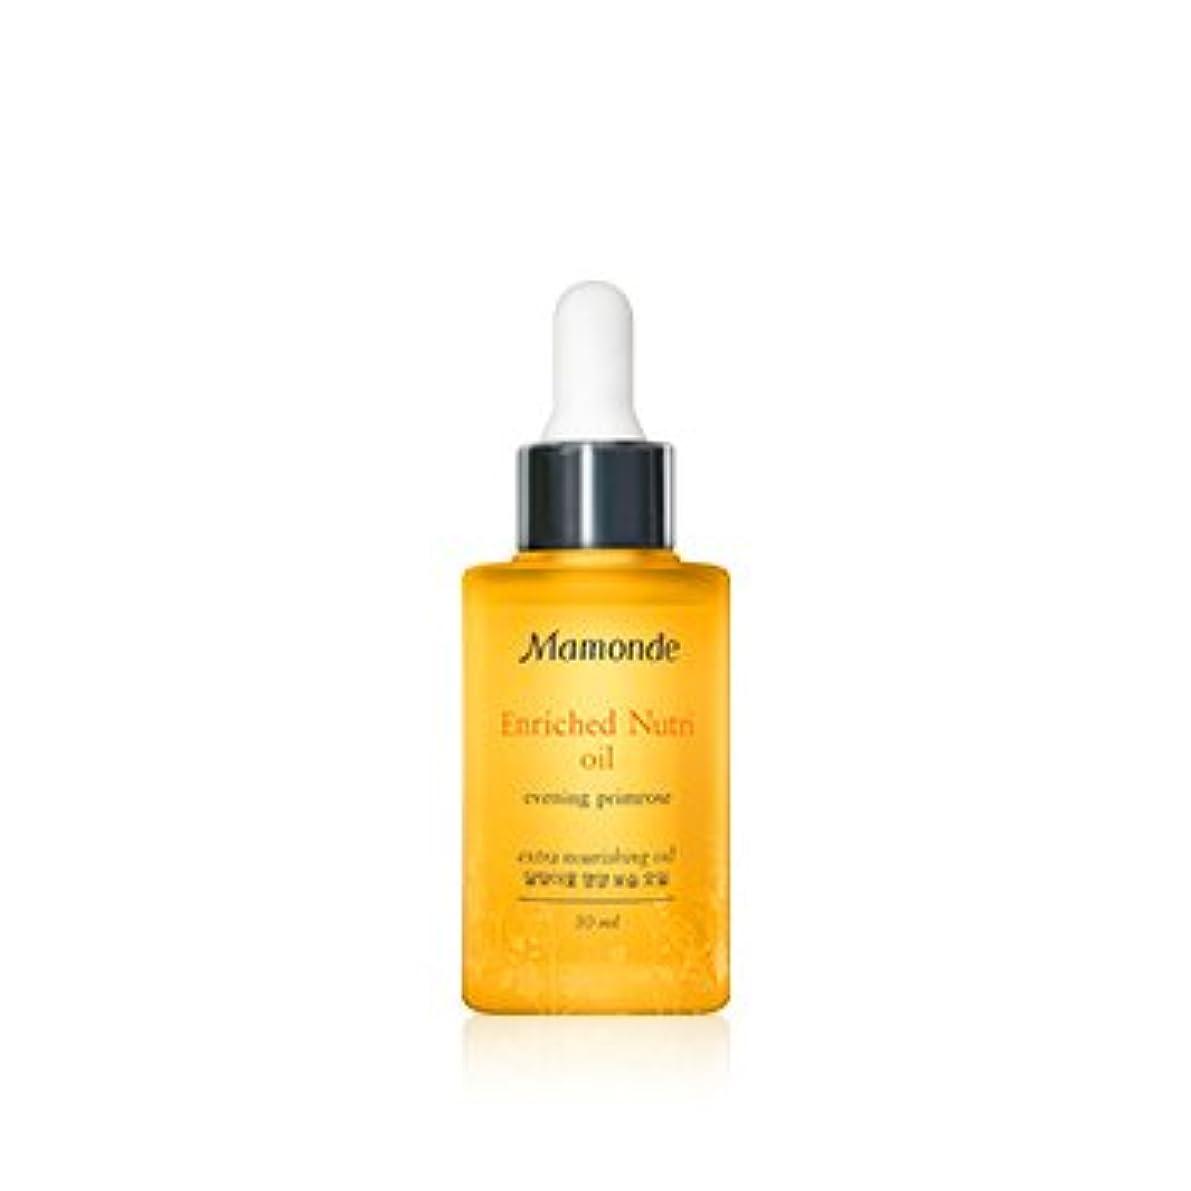 パラダイスポンドハリウッド[New] Mamonde Enriched Nutri Oil 30ml/マモンド エンリッチド ニュートリ オイル 30ml [並行輸入品]